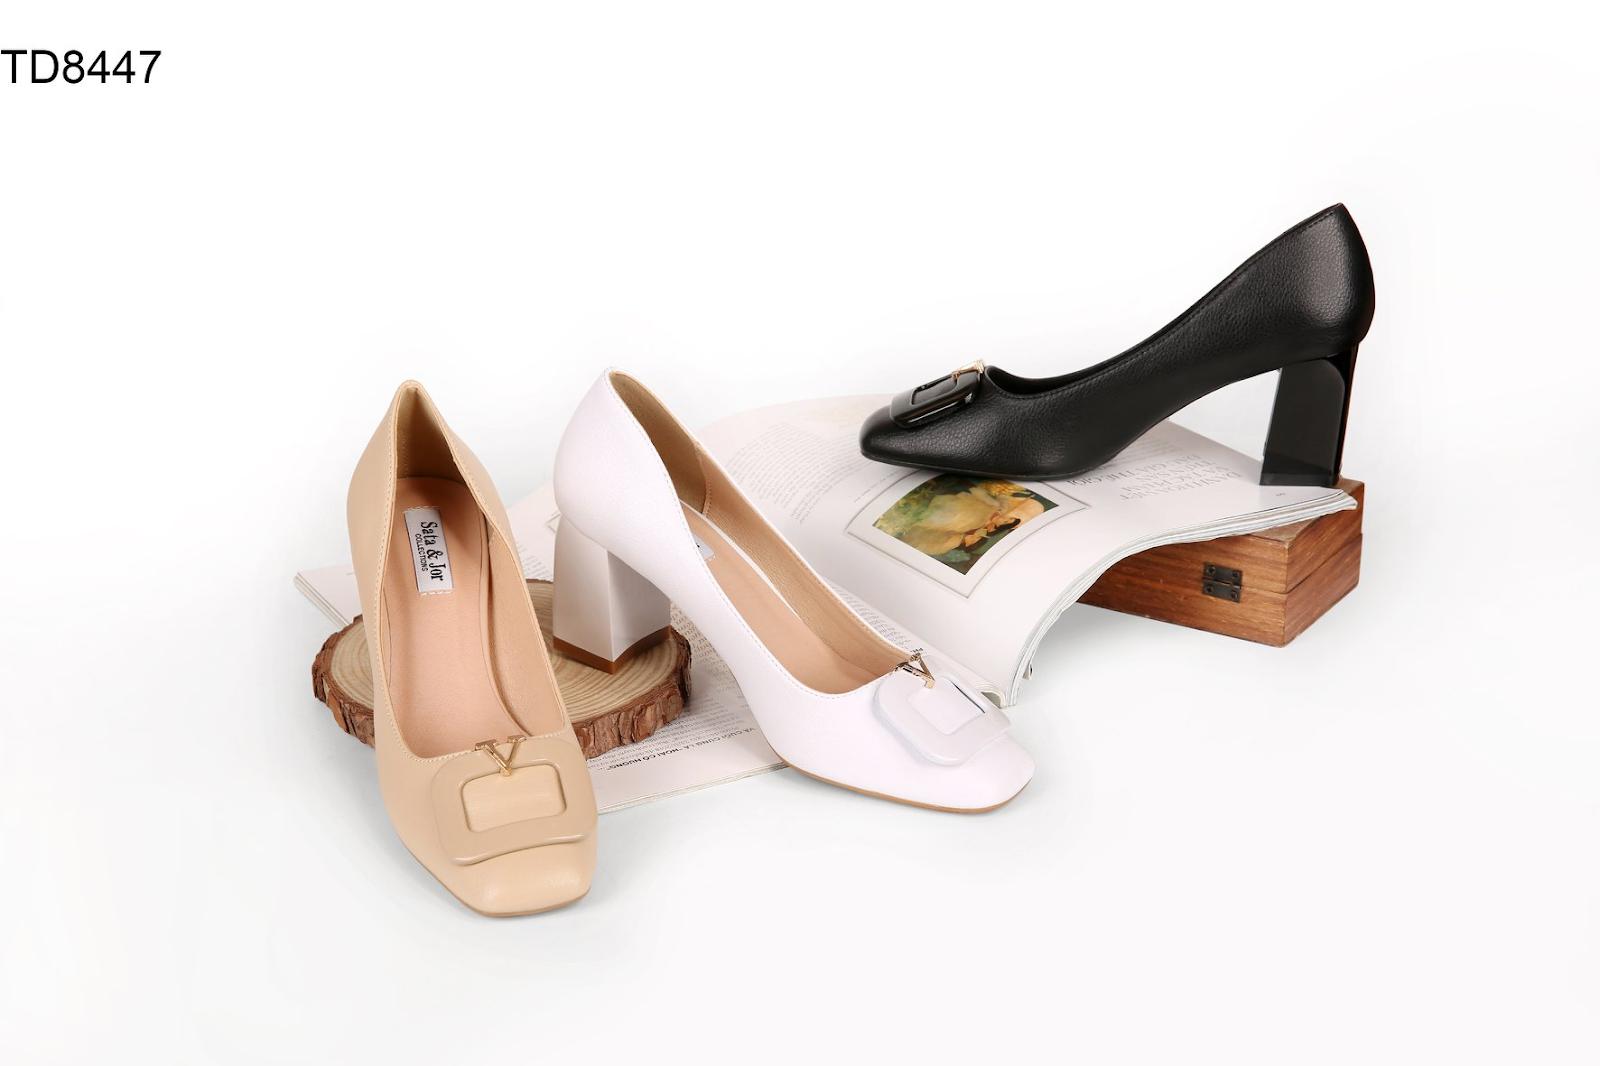 Vậy nên lựa chọn xưởng sản xuất giày dép nào?